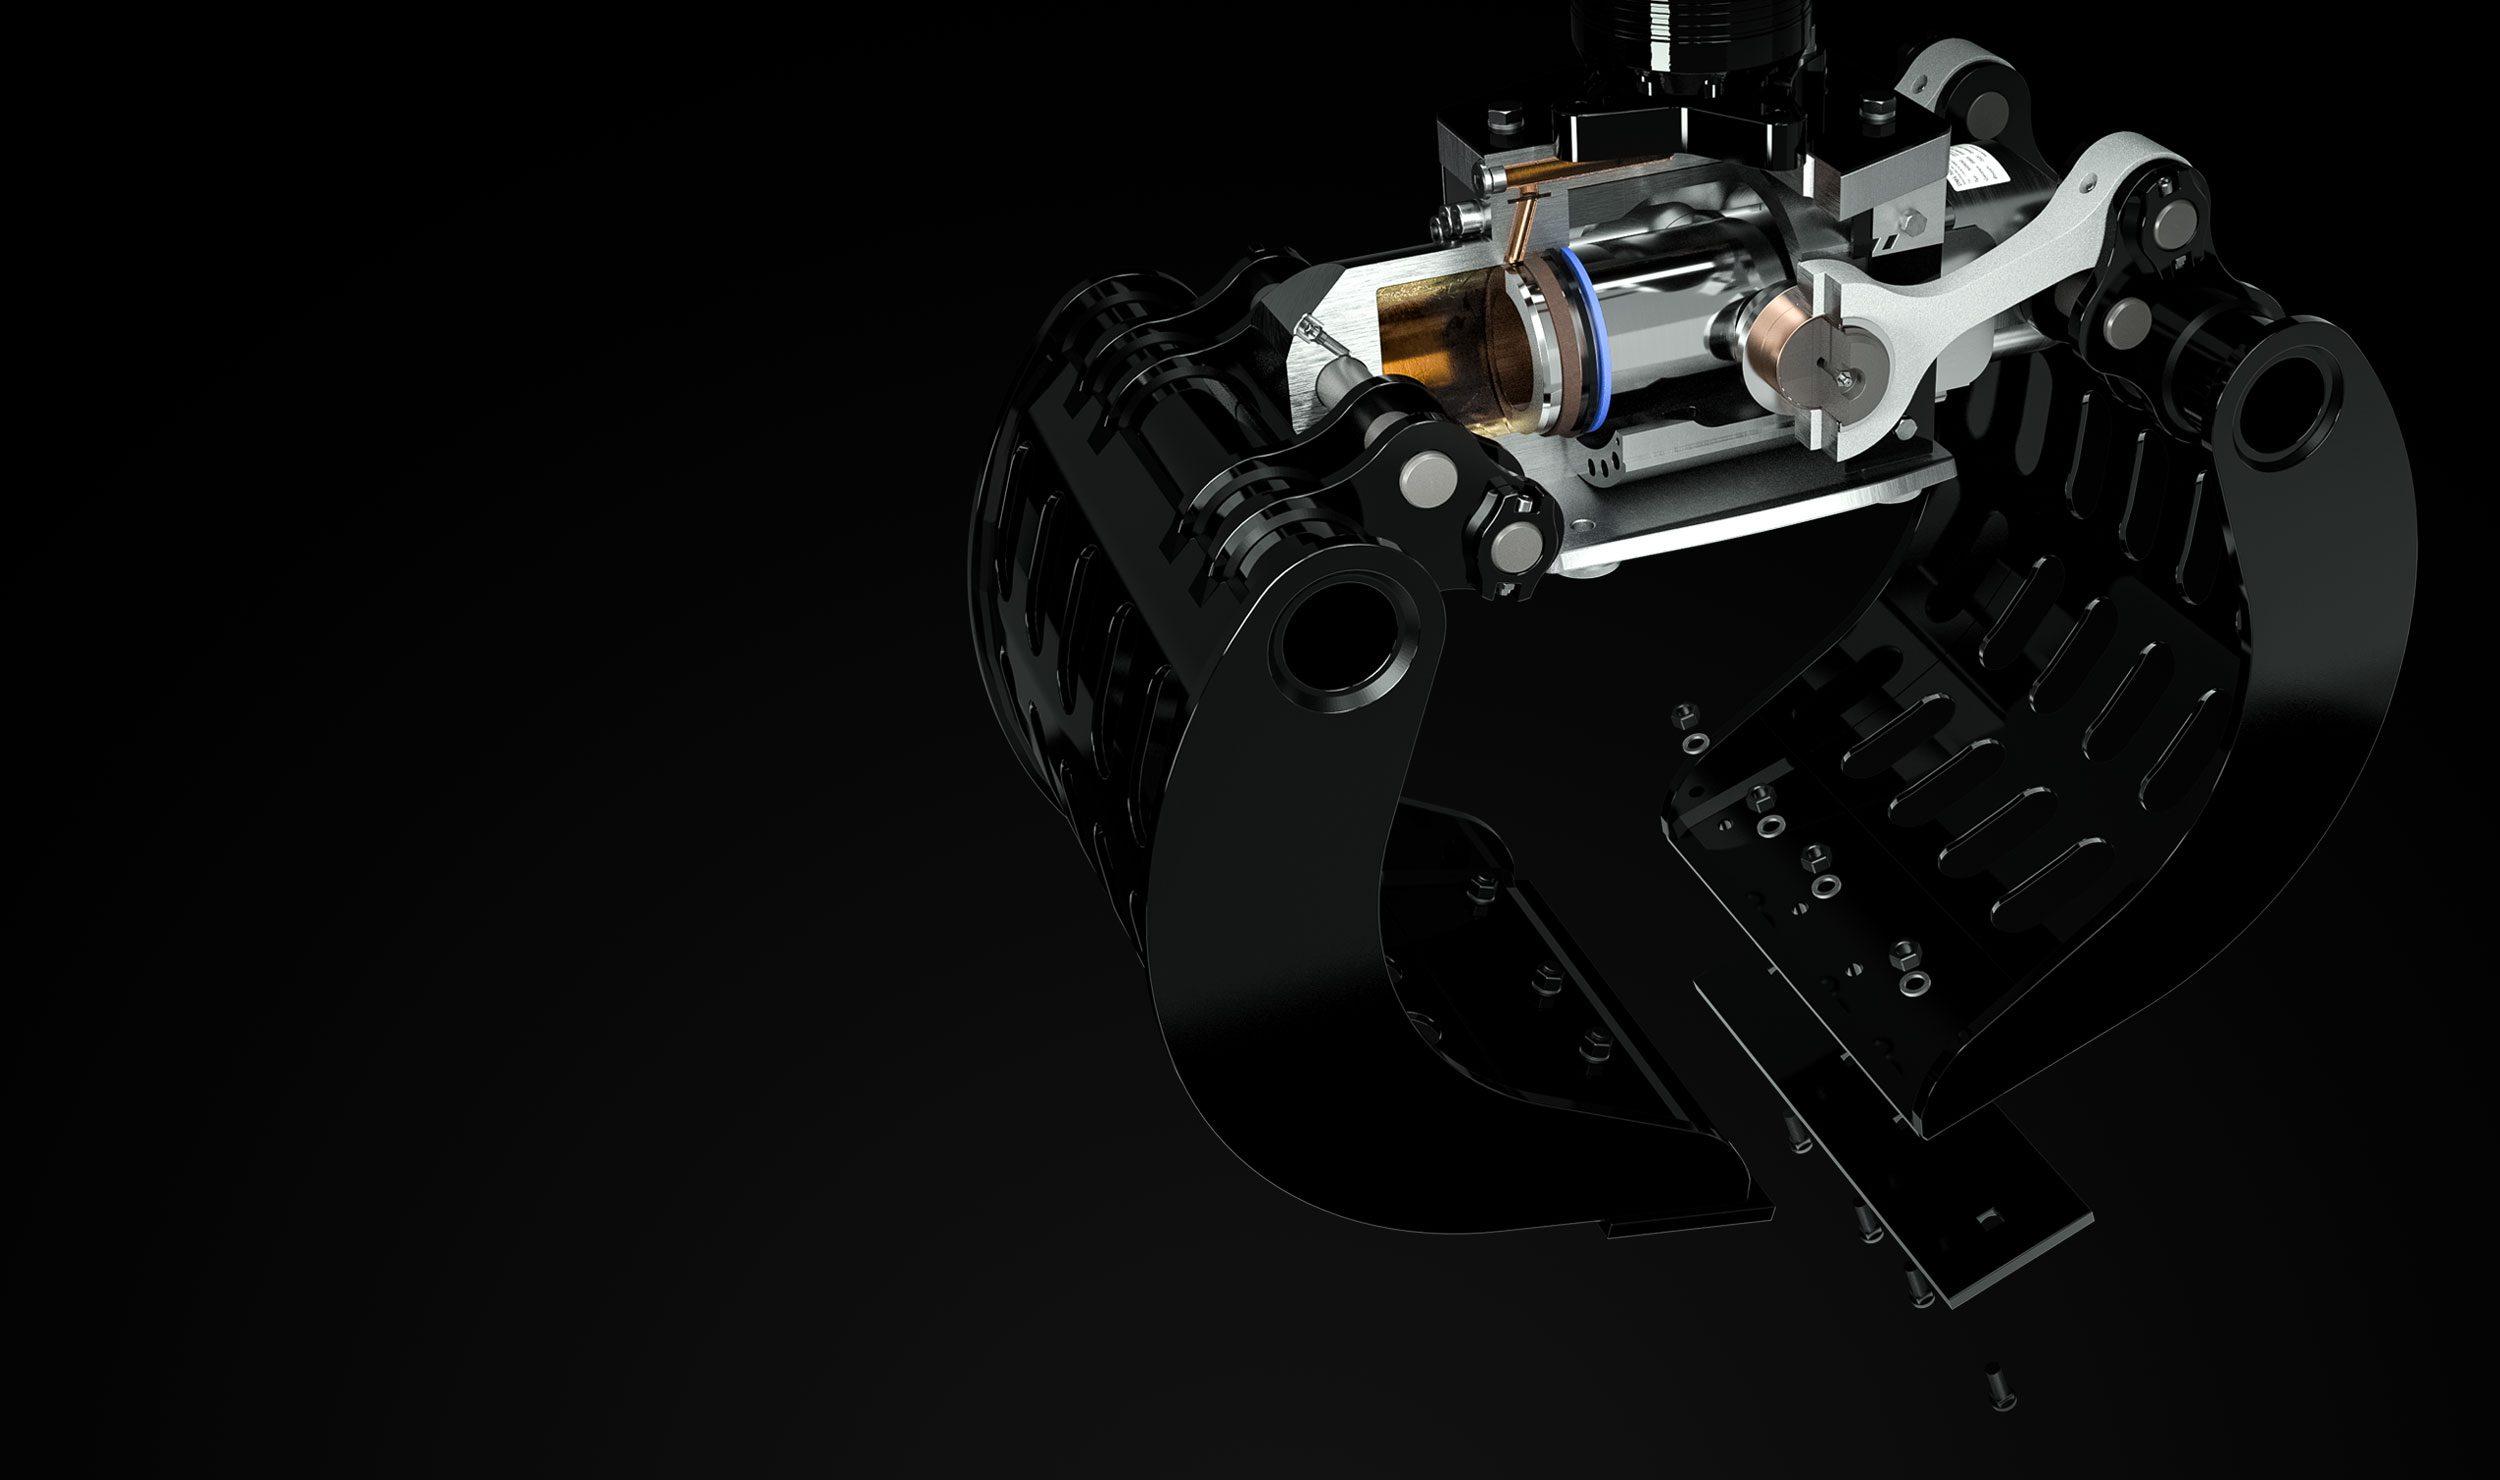 Abbruchgreifer Produktvorteile Hydraulikzylinder